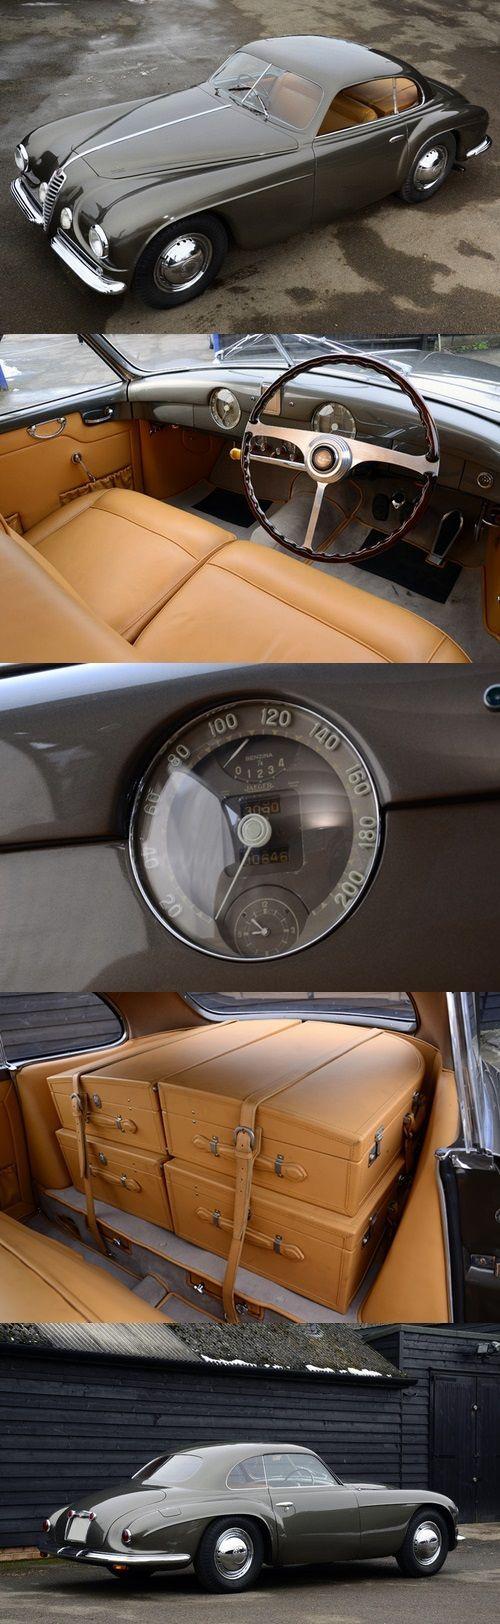 1950 #Alfa Romeo 6C 2500SS Villa d'Este Coupé #vintage #motors